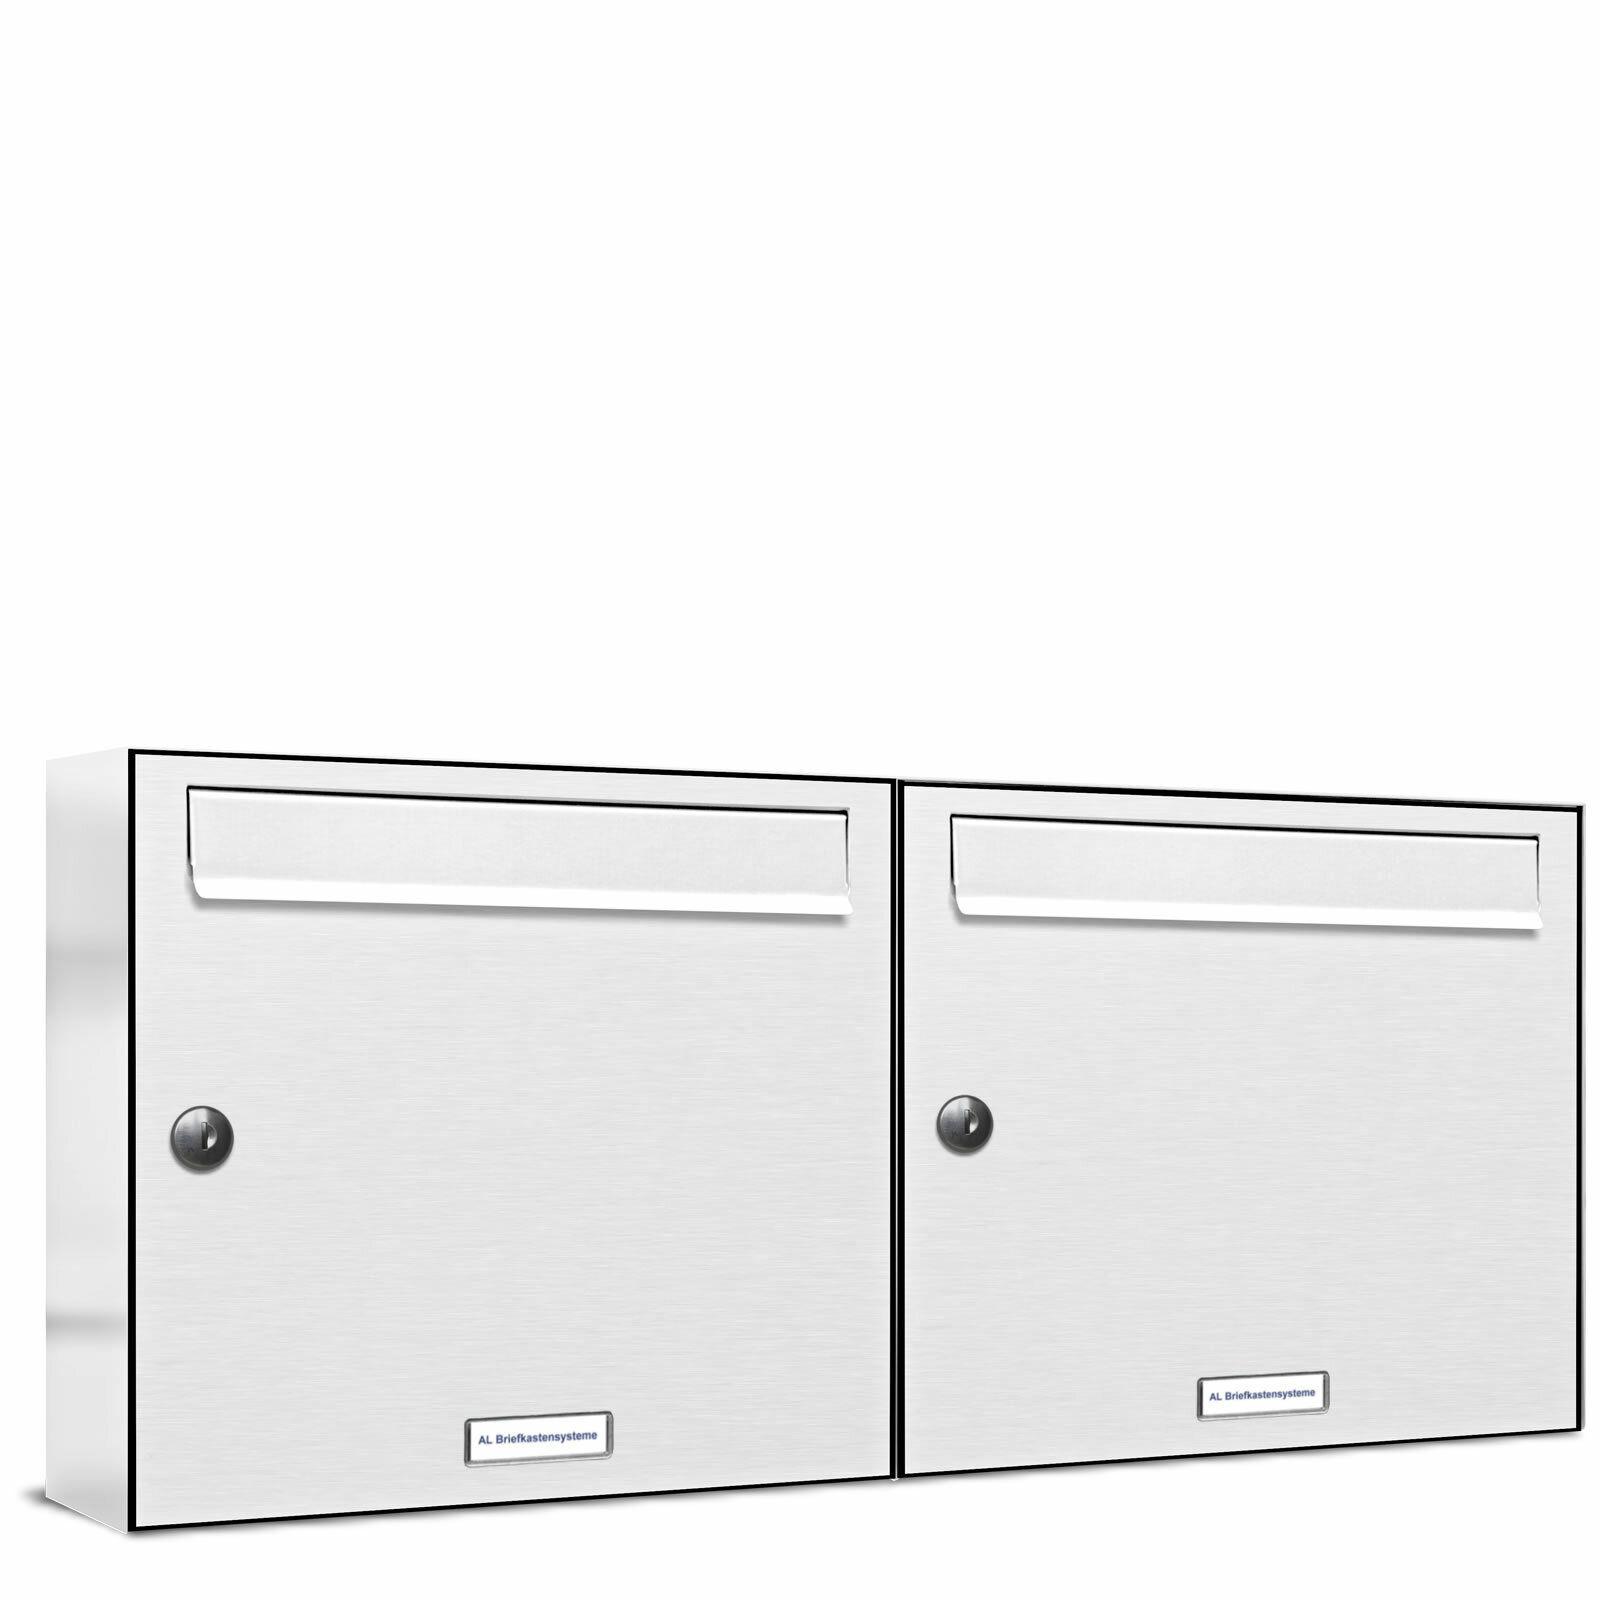 2 er Premium Wand Briefkasten Verkehrswei RAL 9016  A4 Postkasten design 066